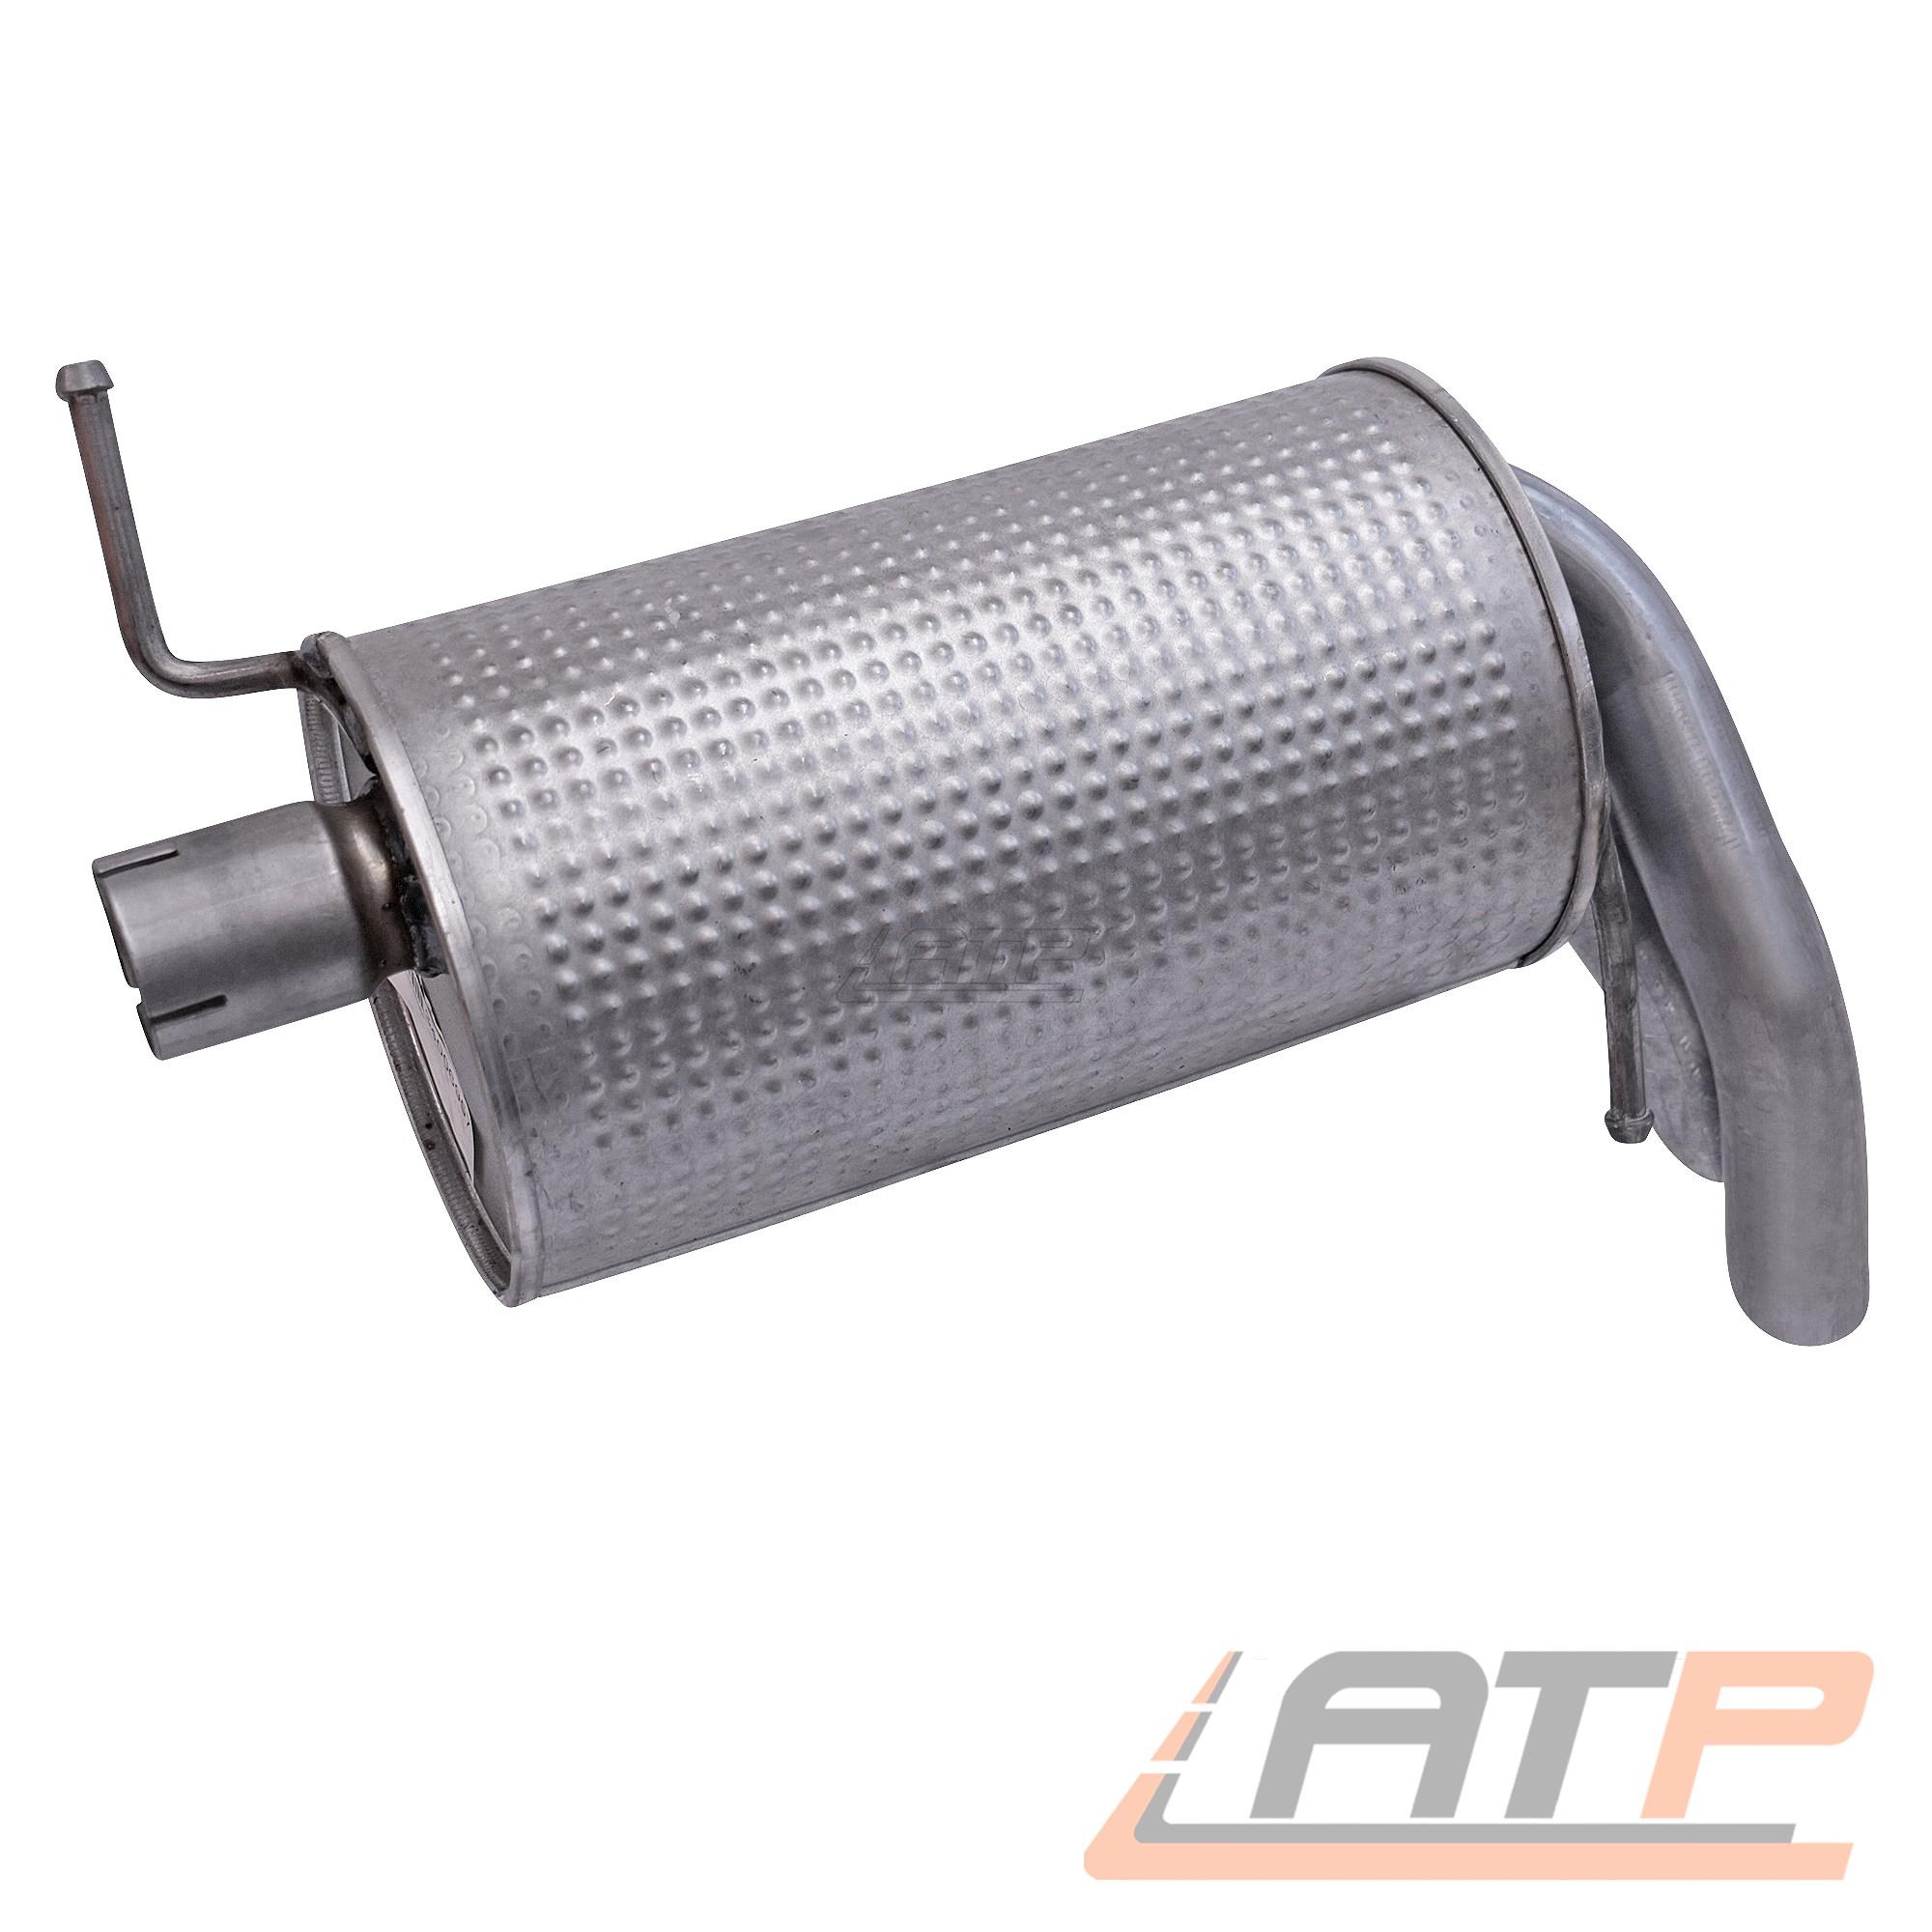 Endschalldämpfer silenciadores para Ford Galaxy WGR 1.9 tdi año de fabricación 95-06